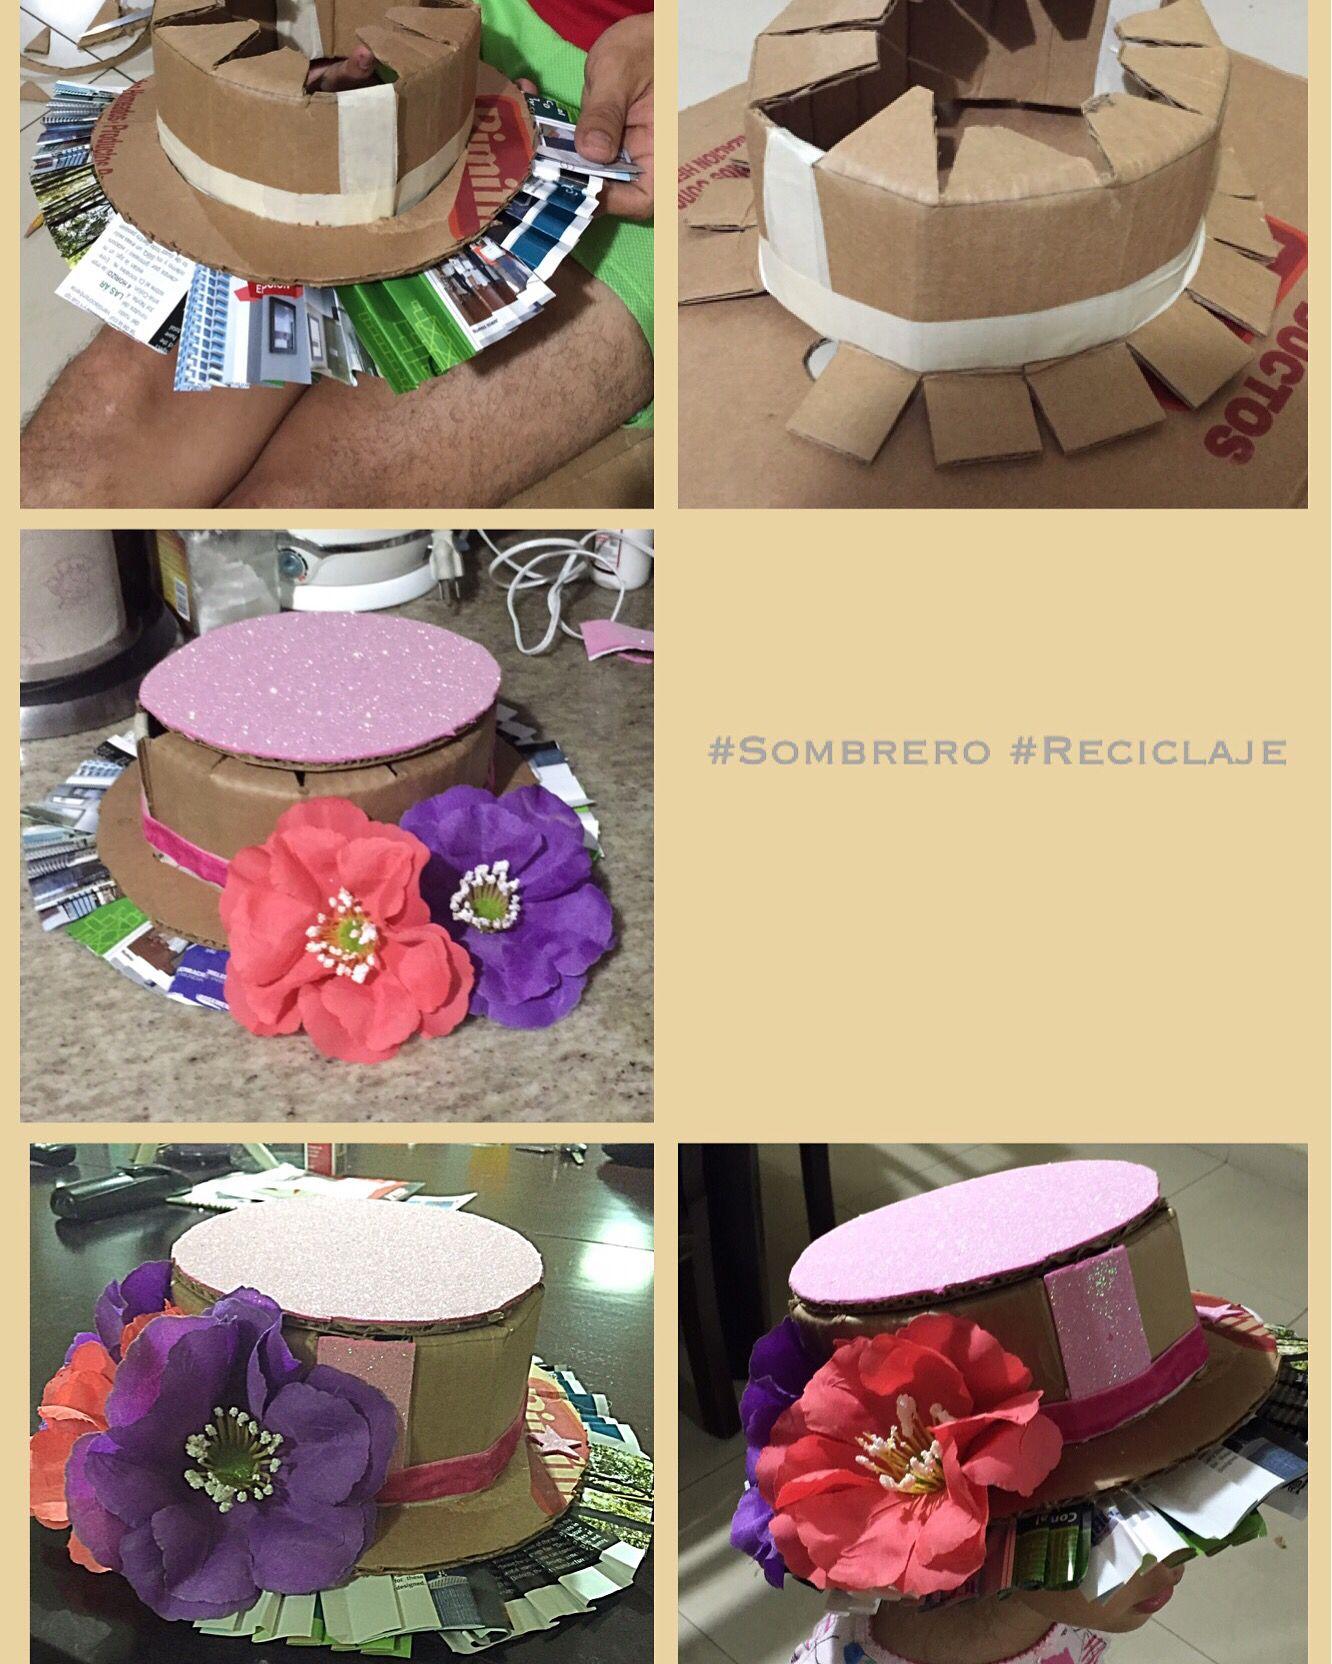 Sombrero hecho con algunos materiales reciclados. Cartón y papel .